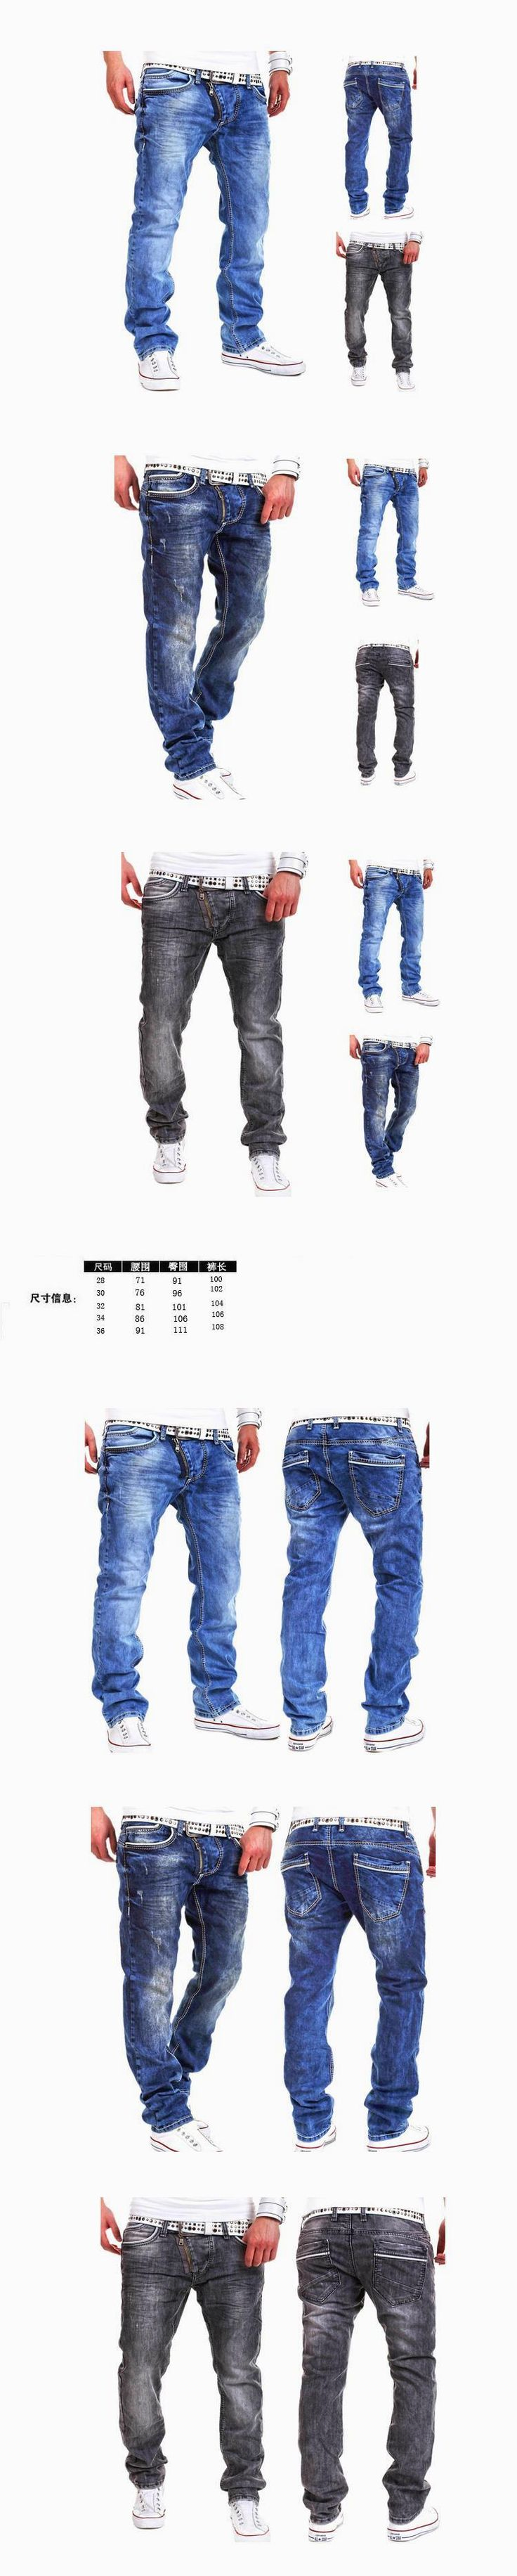 Men Jeans 2016 Brand Male Jeans Homme Pantalones Hombre Personality Zipper Decoration Men Pants Double Pocket Jeans Pants OIWTA   http://www.dealofthedaytips.com/products/men-jeans-2016-brand-male-jeans-homme-pantalones-hombre-personality-zipper-decoration-men-pants-double-pocket-jeans-pants-oiwta/